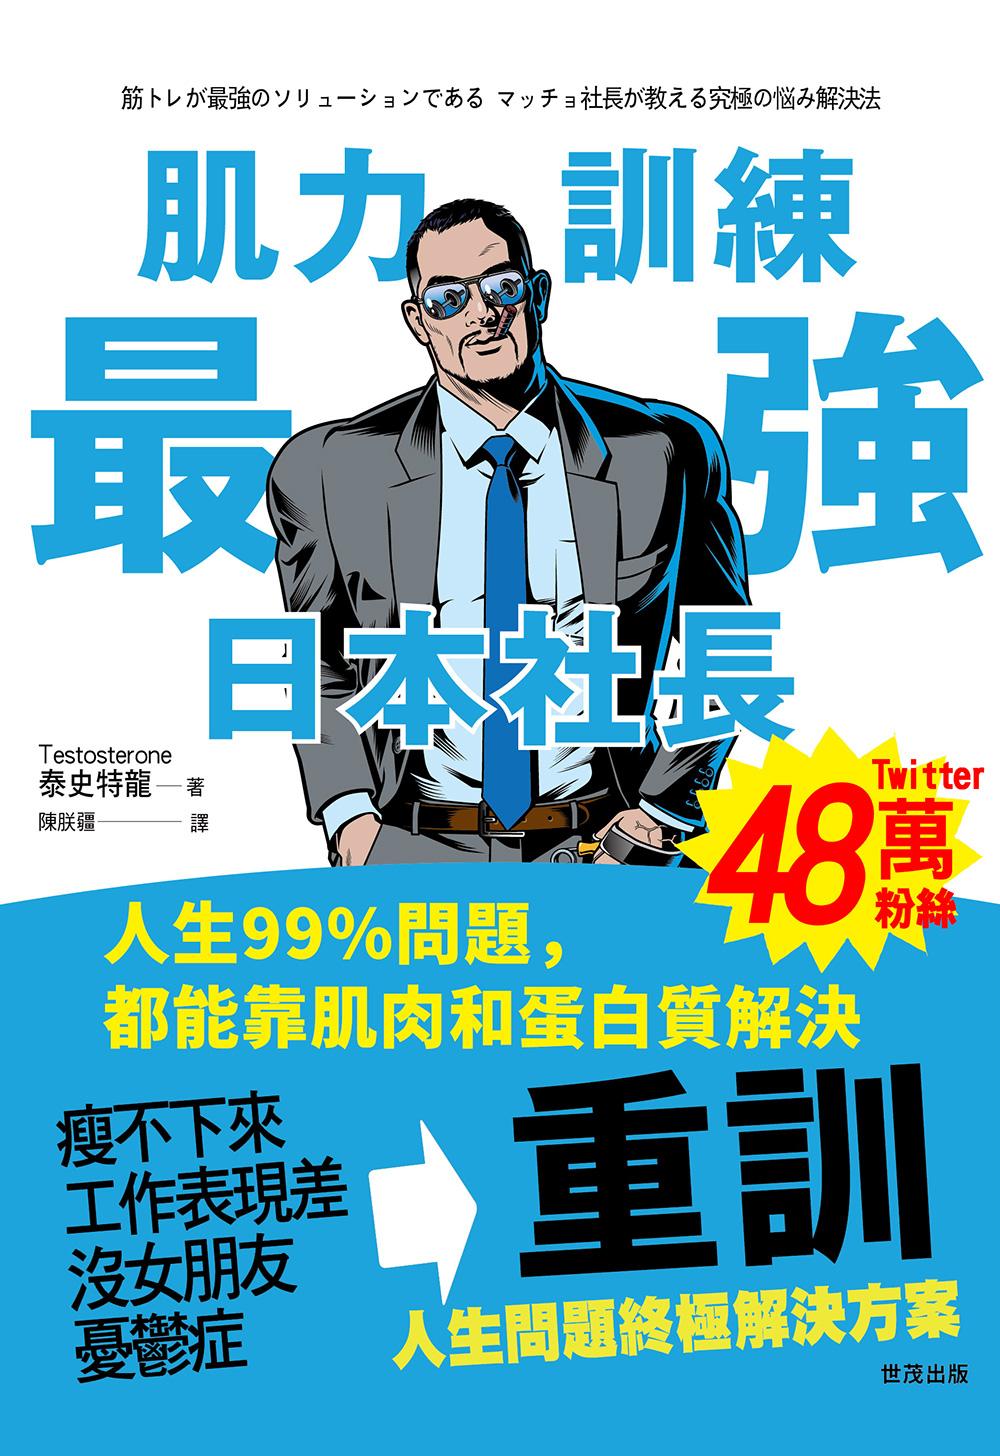 肌力訓練最強日本社長:人生99%問題都能靠肌肉和蛋白質解決